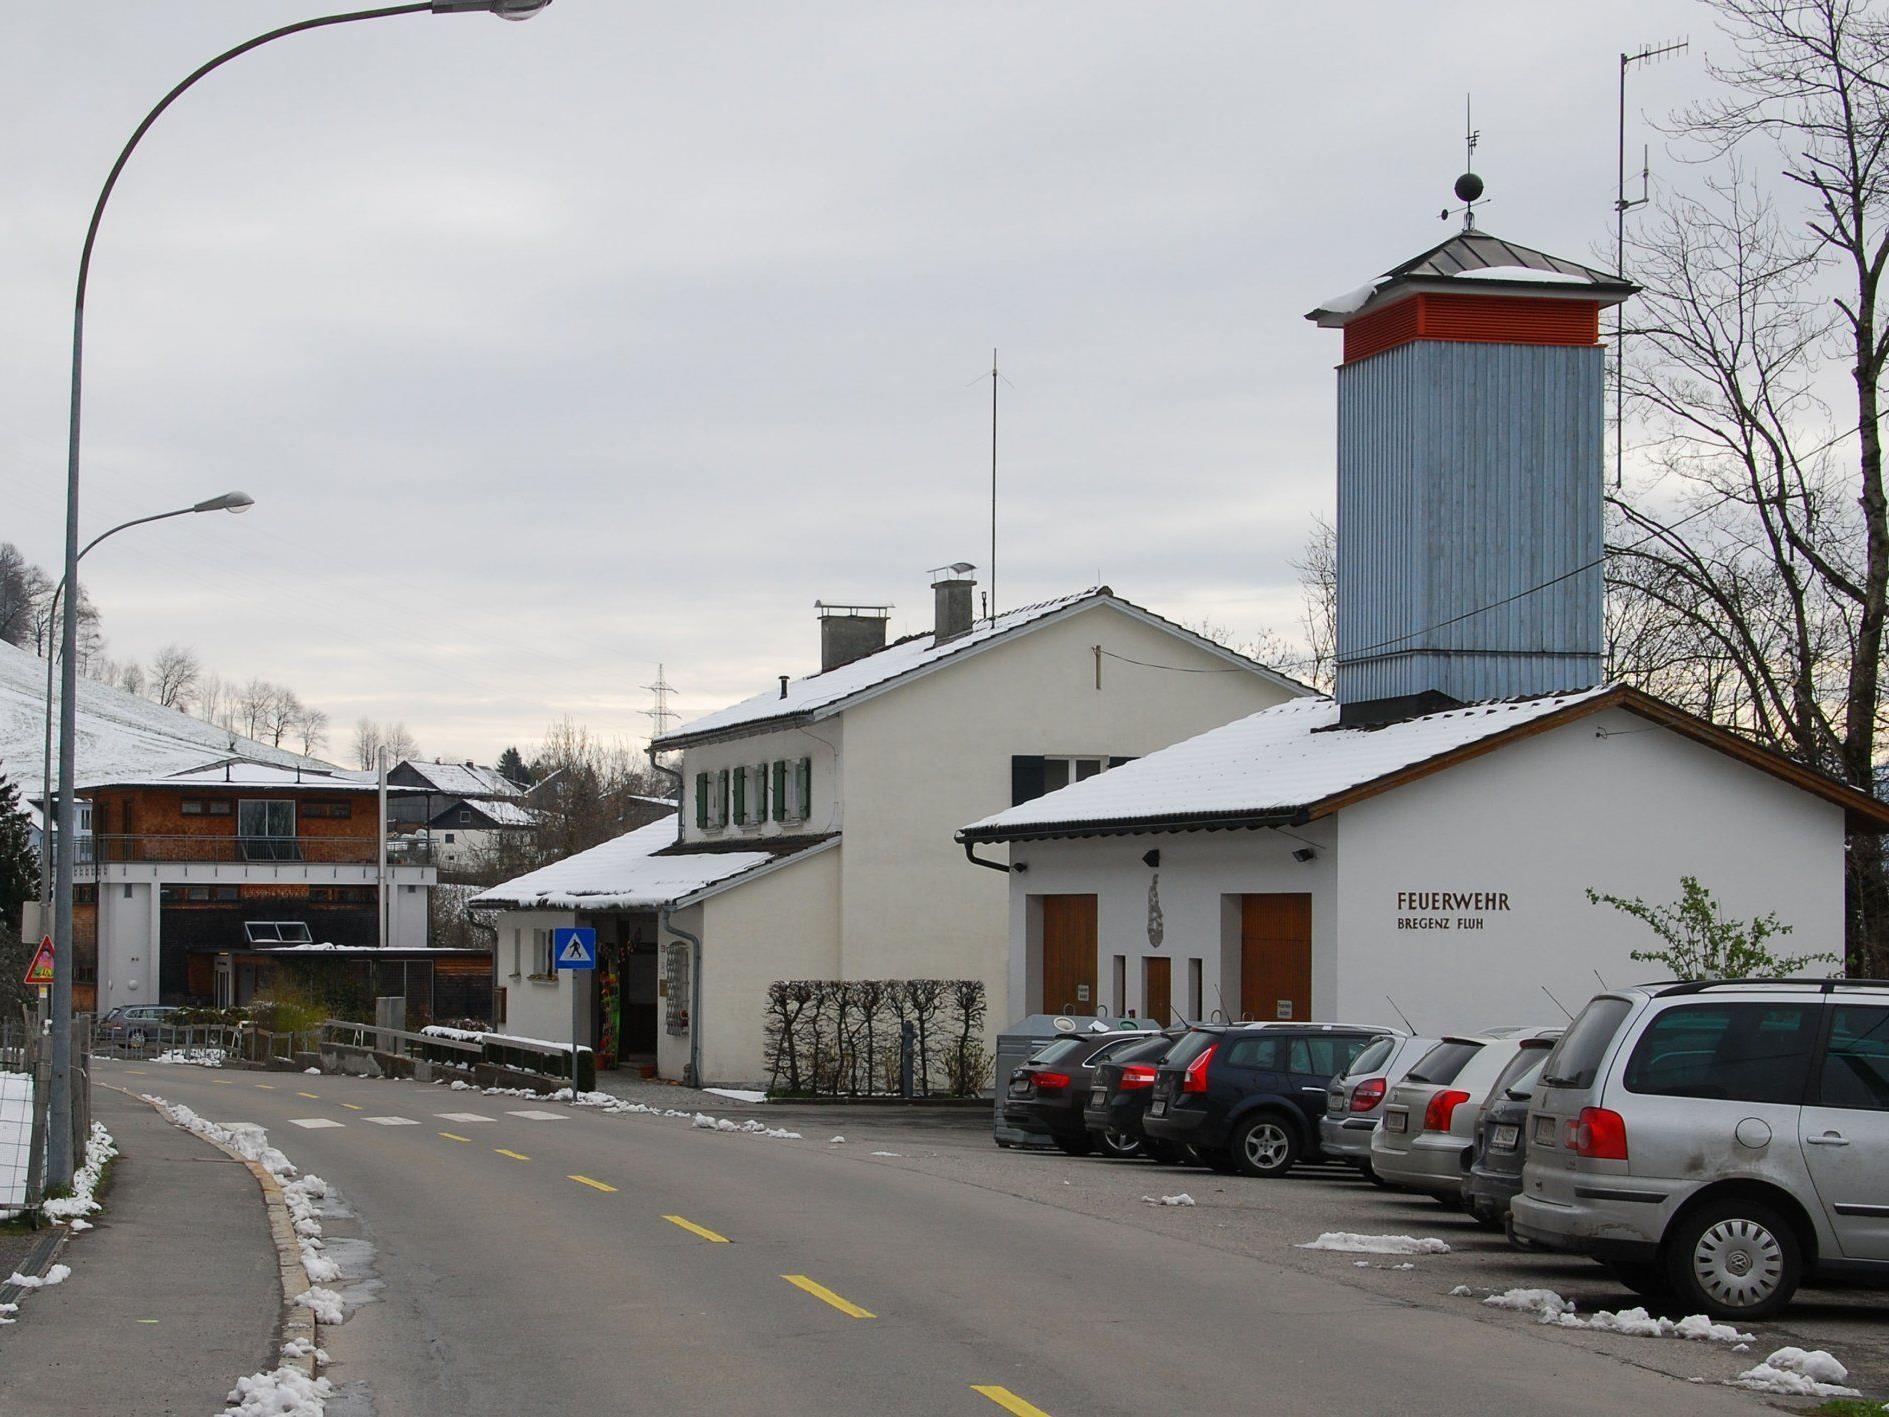 Neben dem Gerätehaus der Feuerwehr entsteht das neue Mehrzweckgebäude.